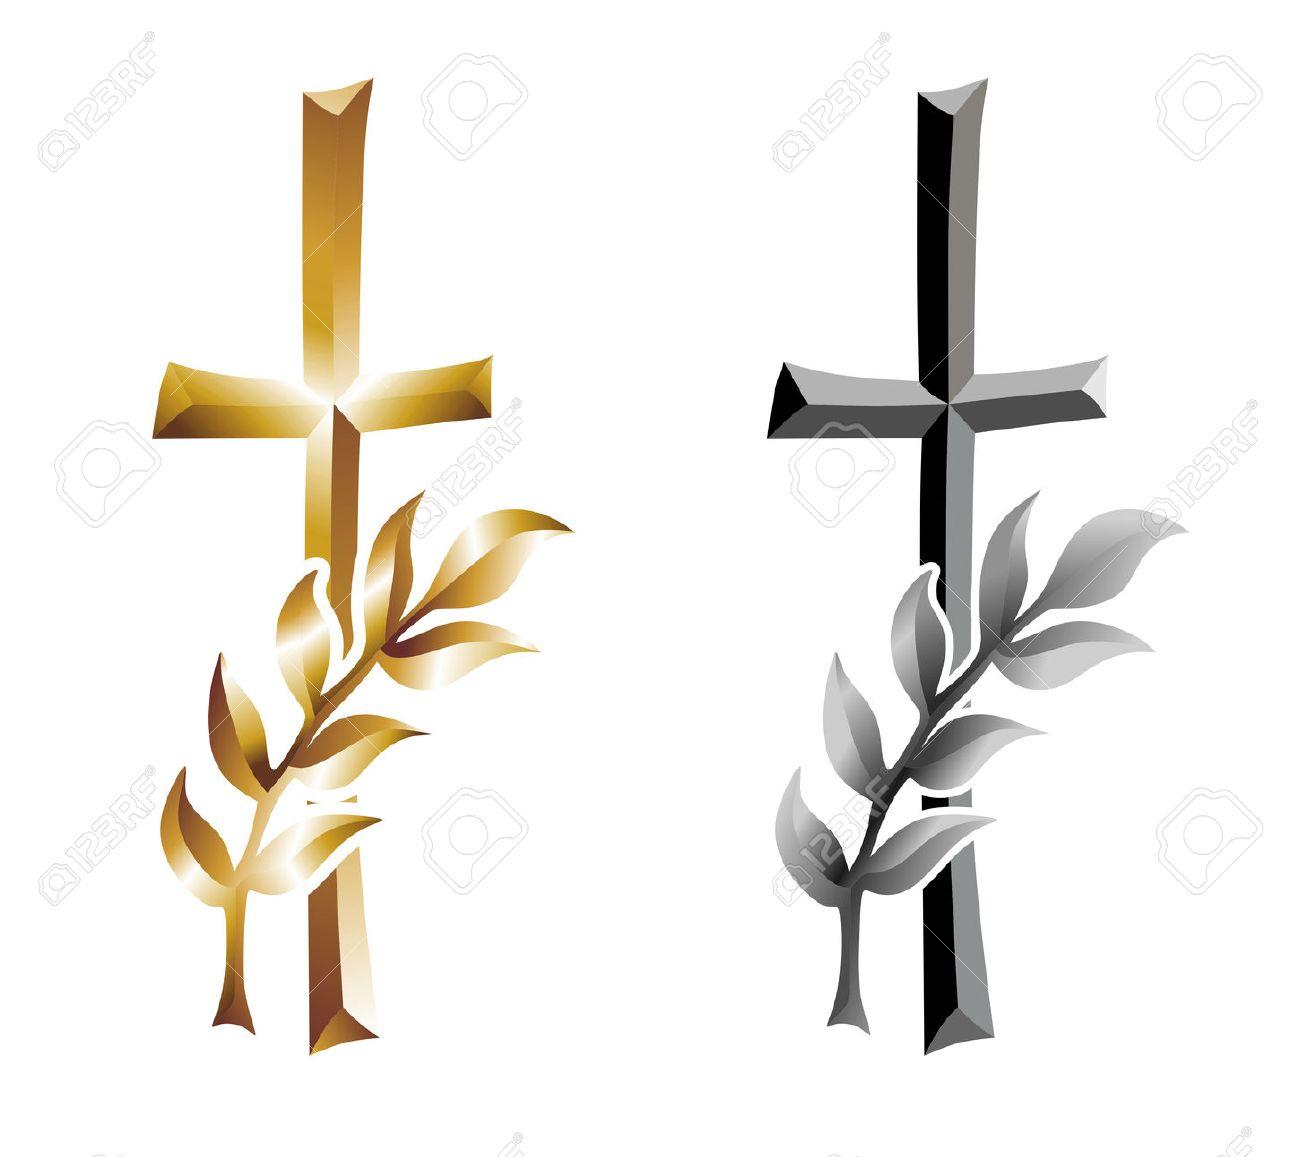 Croix Tombale Avec L Oreille Comme Modele De Condoleances Banque D Images Et Photos Libres De Droits Image 29648620